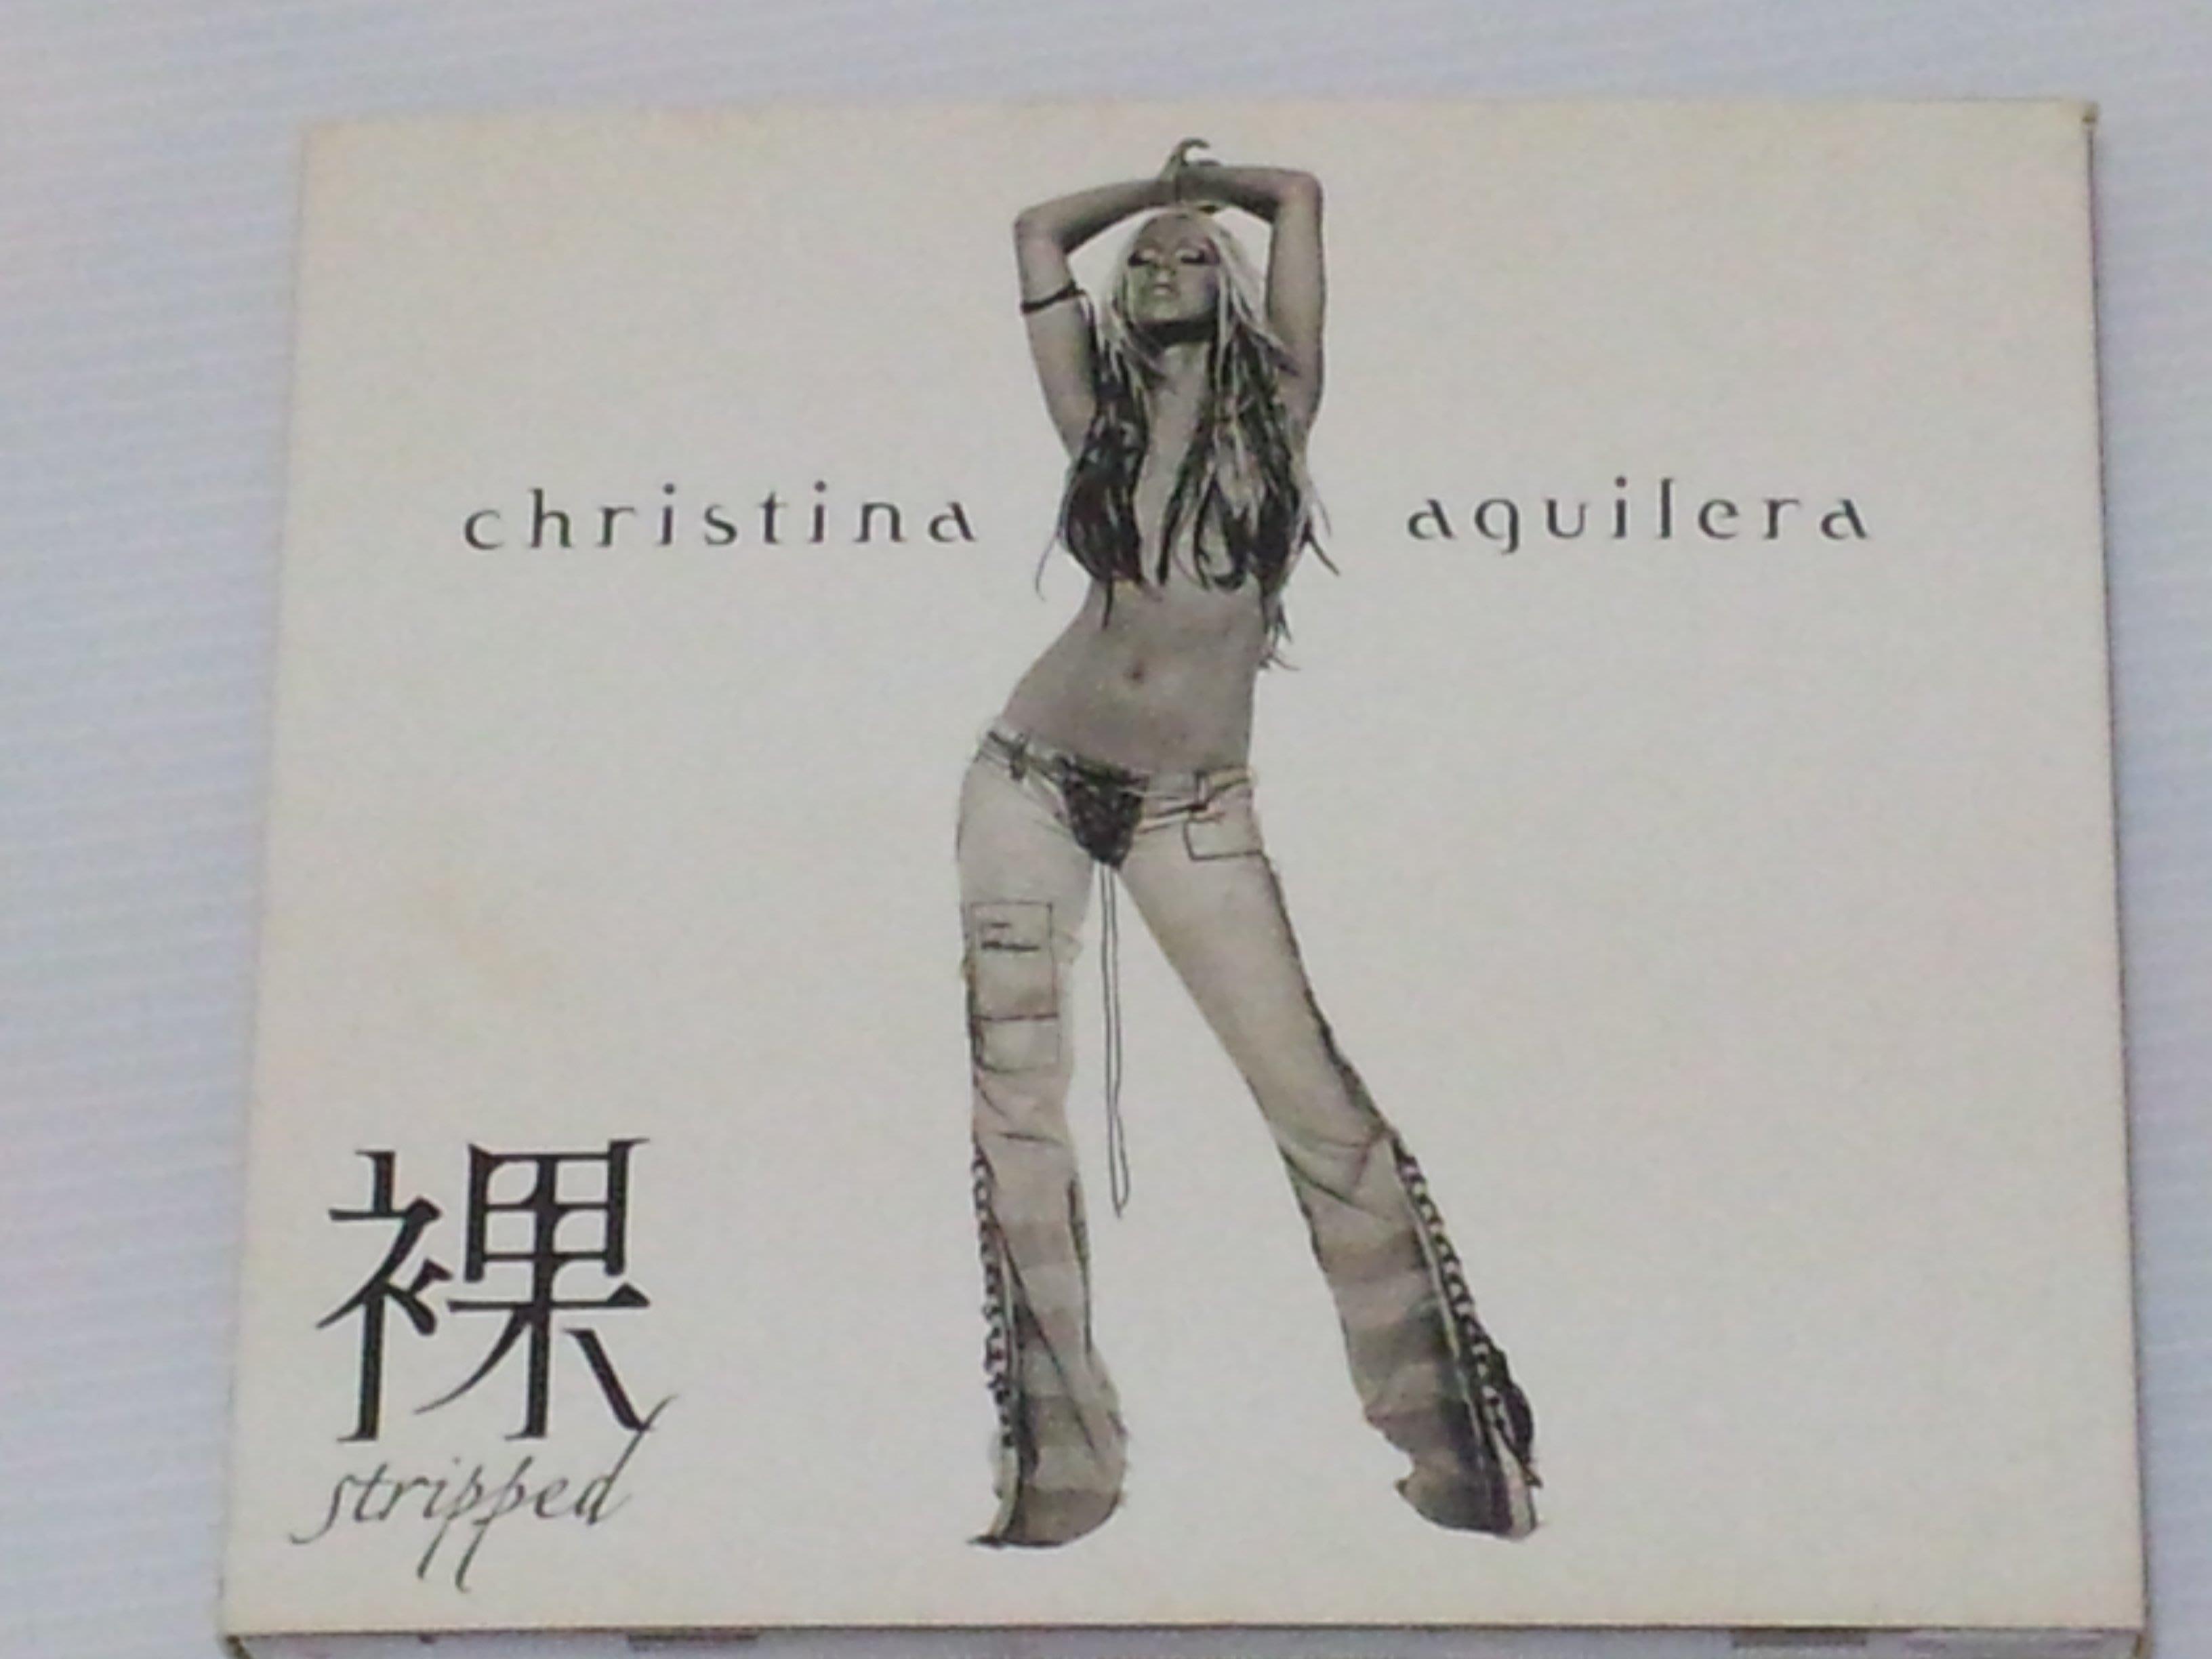 【開心屋】克莉絲汀  裸   CHRISTINA AGUILERA  STRIPPED 二手CD 保存完整